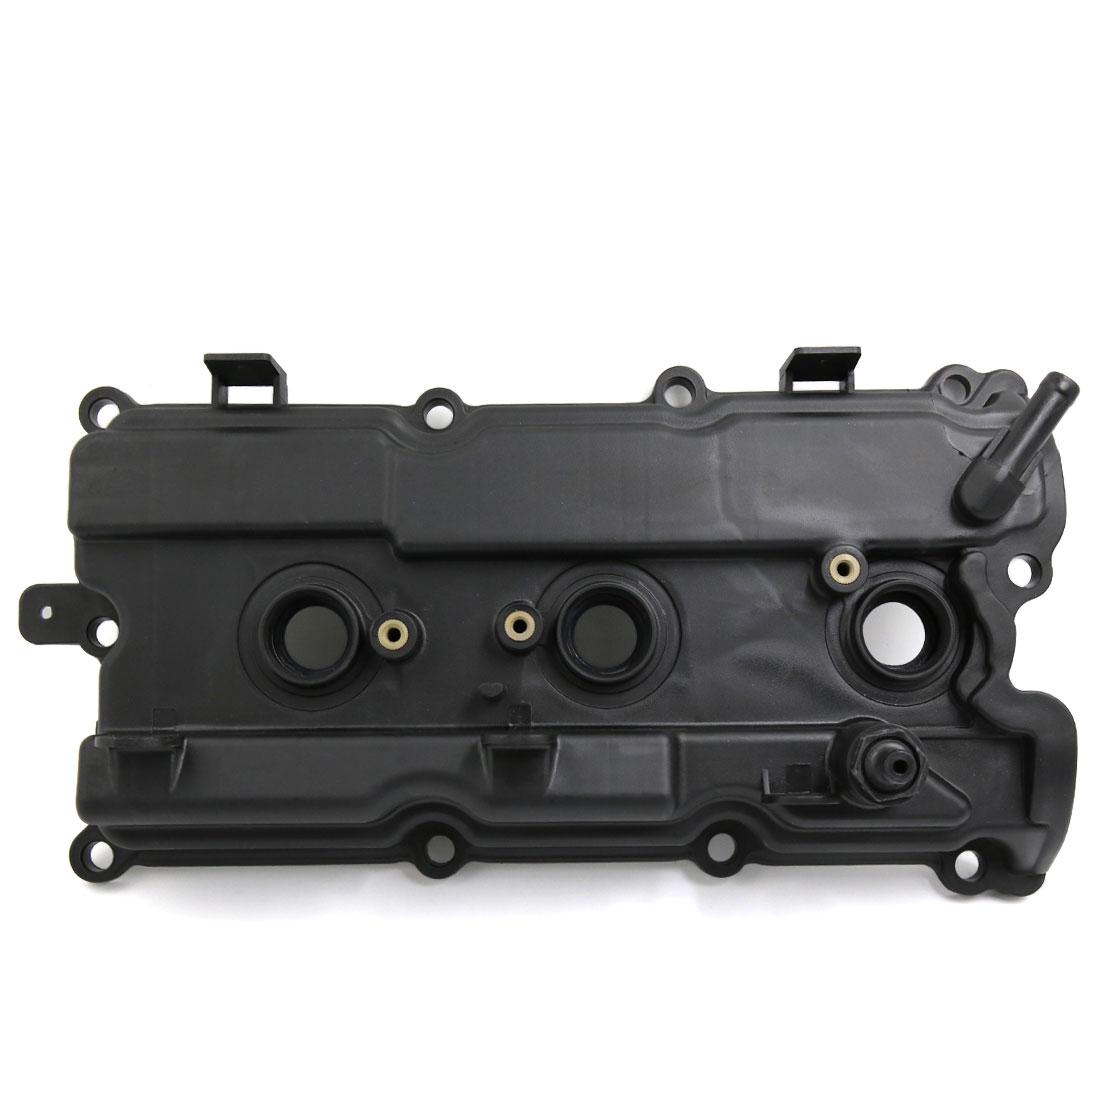 264-984 Car Eigne Valve Cover for 02-09 Nissan Infiniti Altima Maxima Quest 3.5L VQ35DE